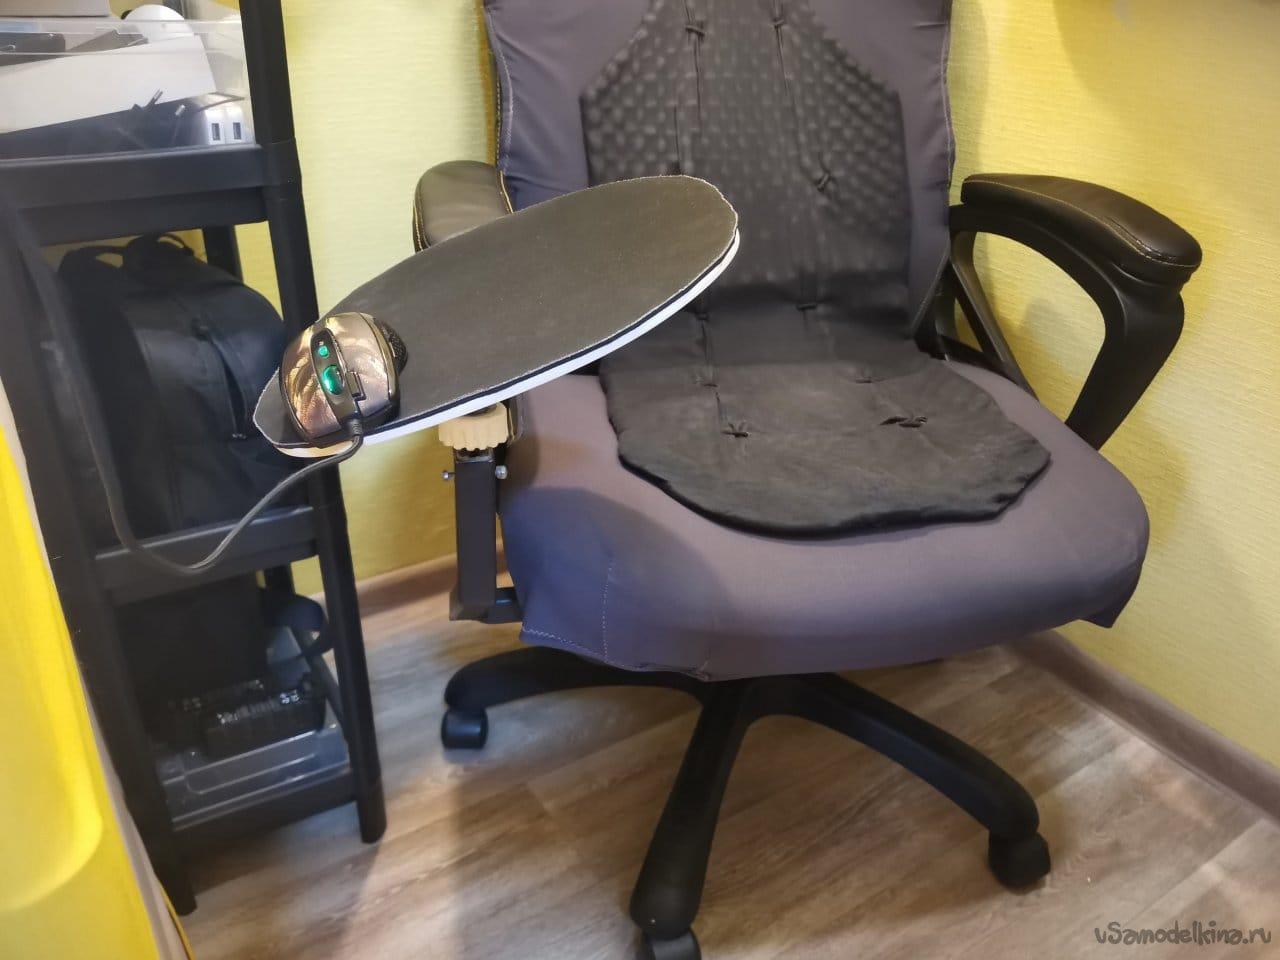 Приставка для компьютерного кресла - повышаем комфортность